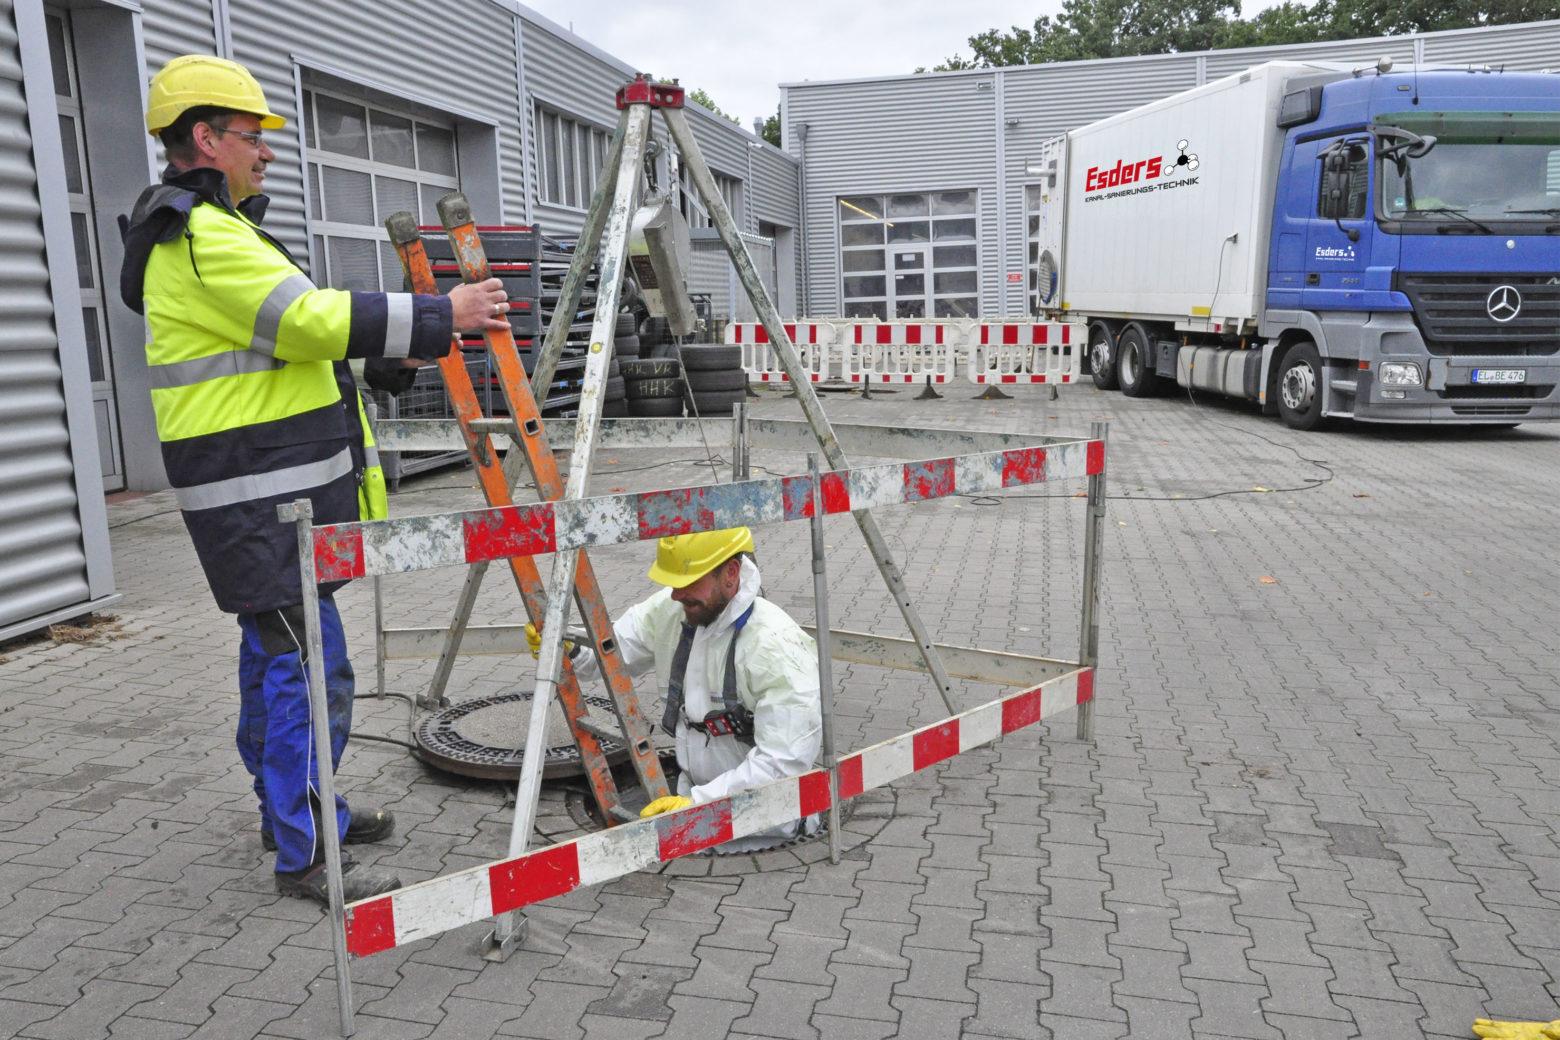 Esders GmbH breidt uit met Esders Pipeline Services en Esders Kanal-Sanierungs-Technik